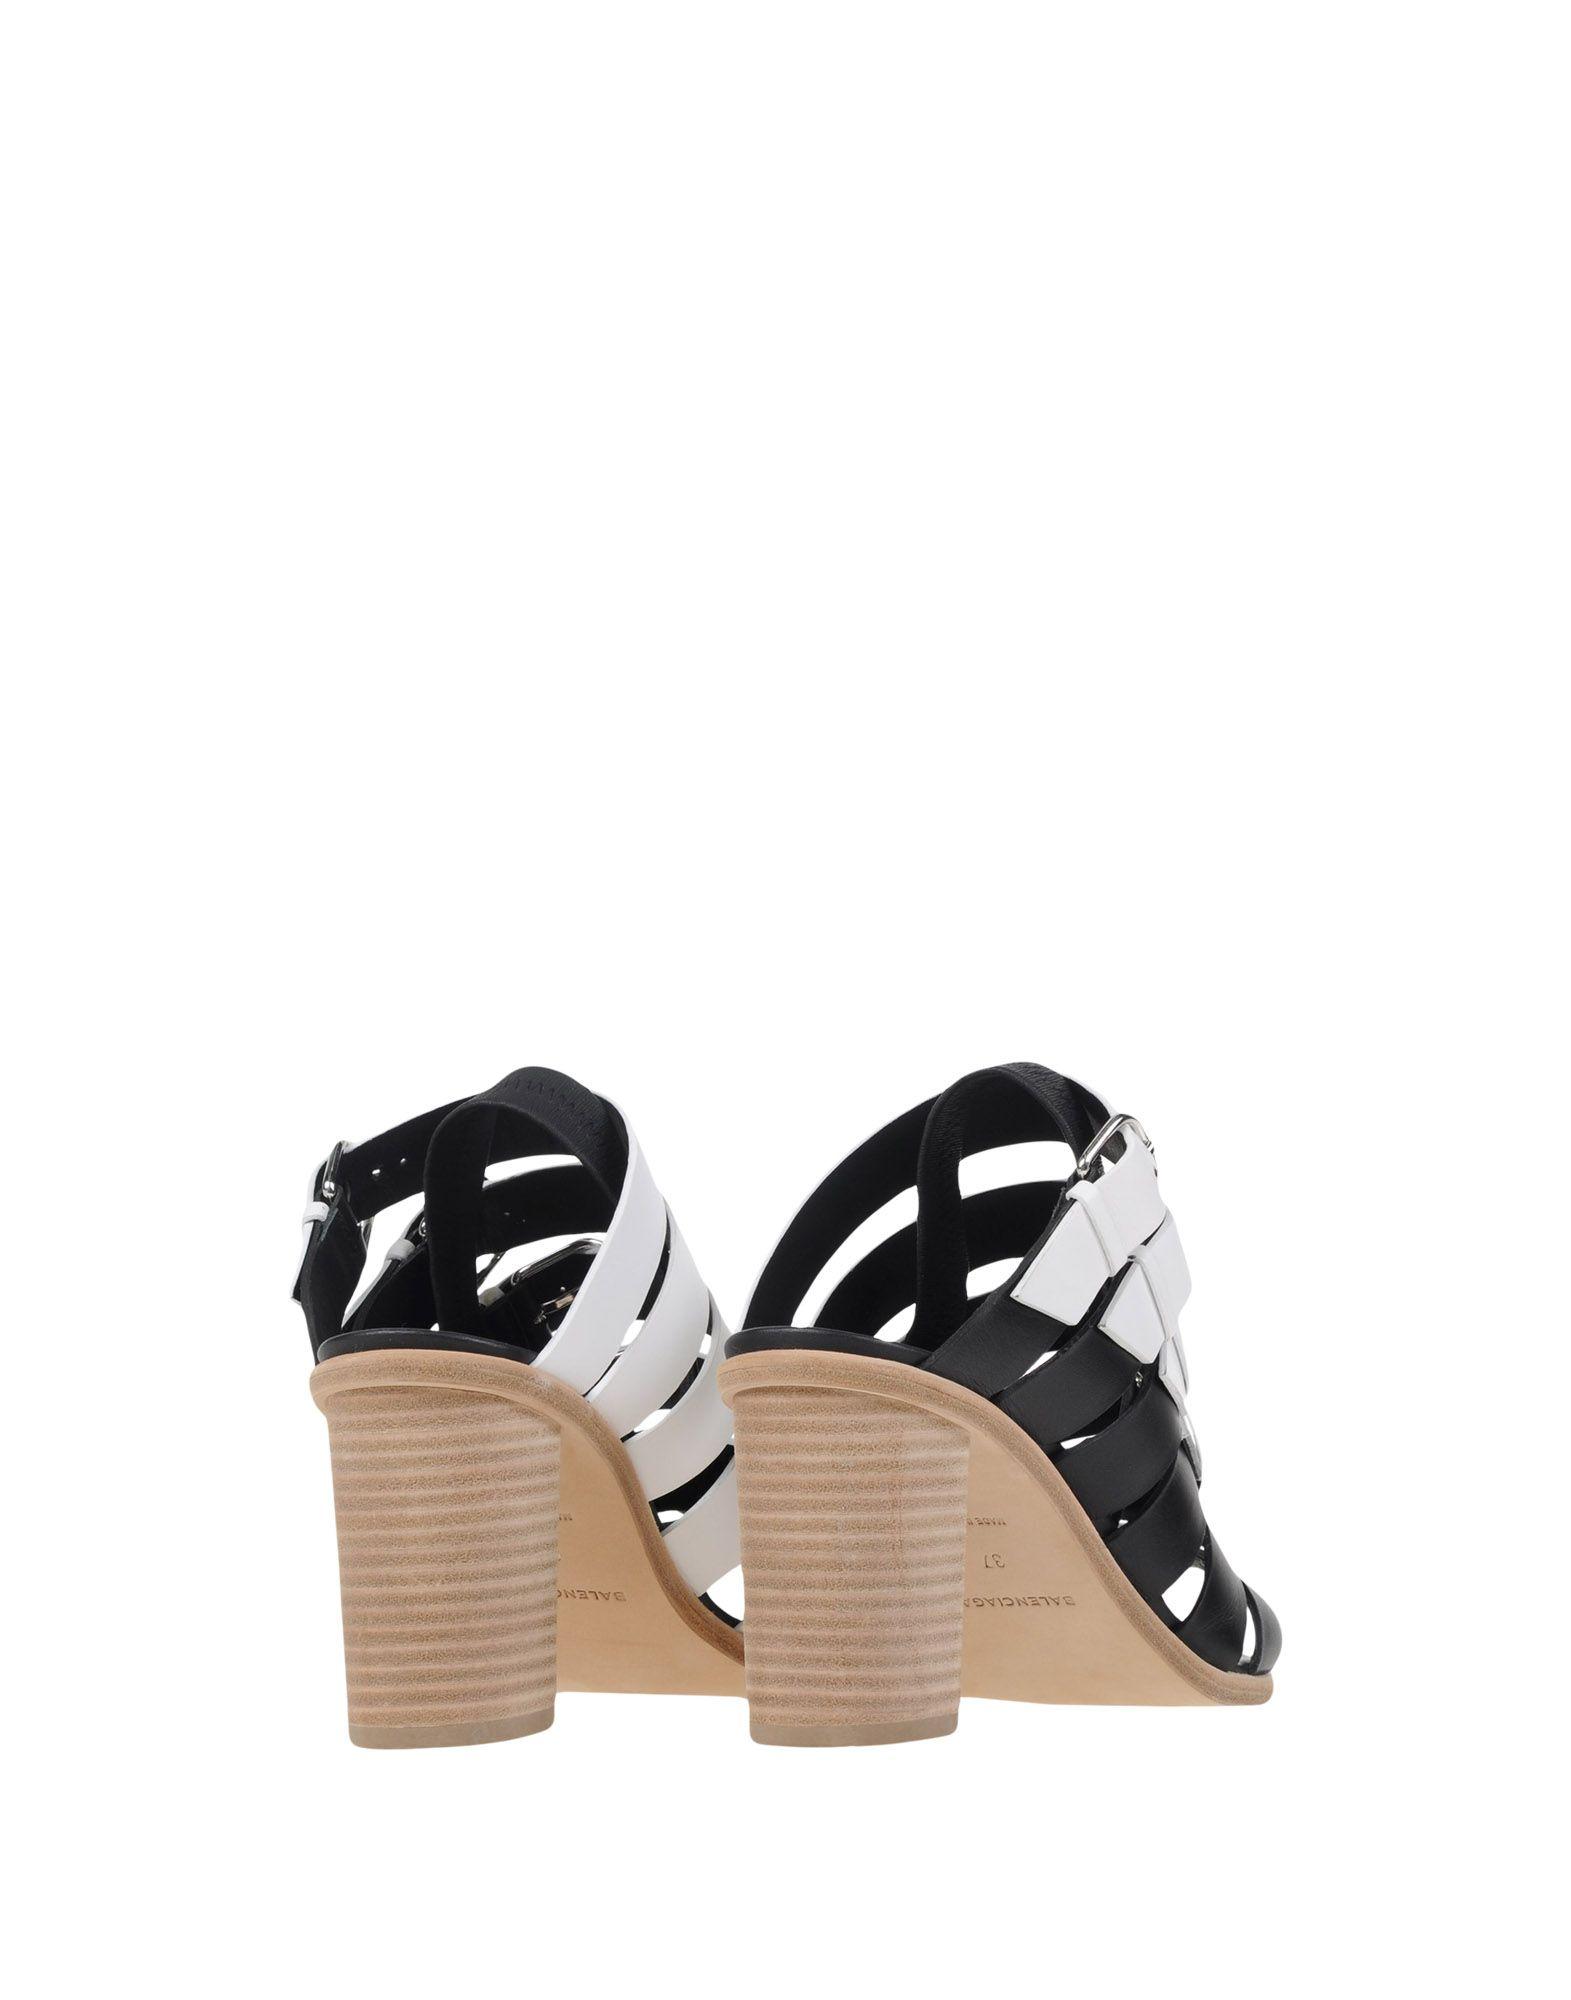 Balenciaga Sandalen Damen es Gutes Preis-Leistungs-Verhältnis, es Damen lohnt sich,Sonderangebot-26147 bd561d